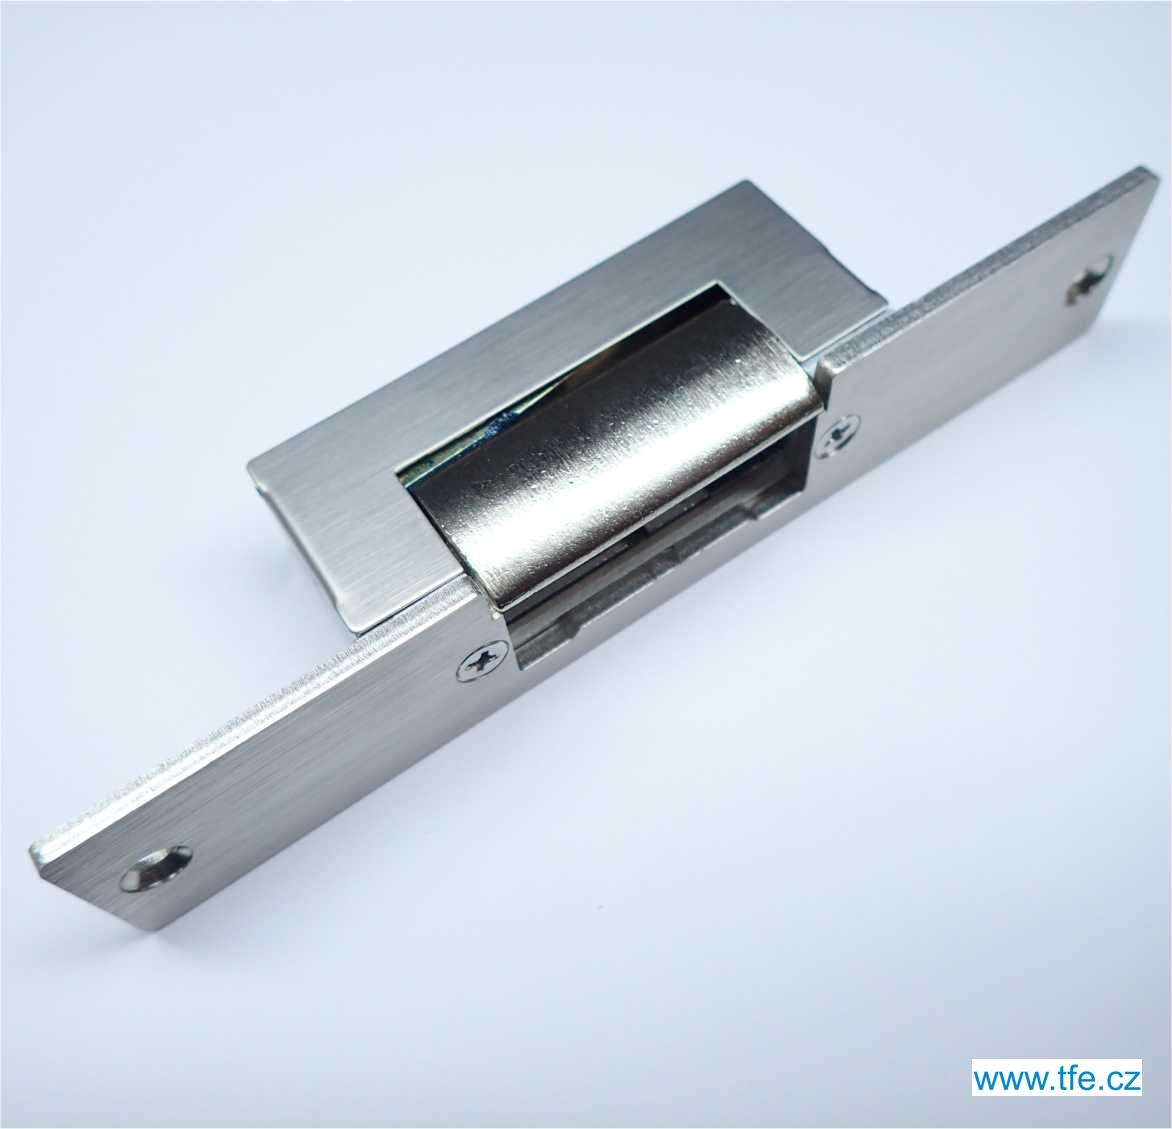 Elektrický zámek s nerezovým štítkem ELC12D6